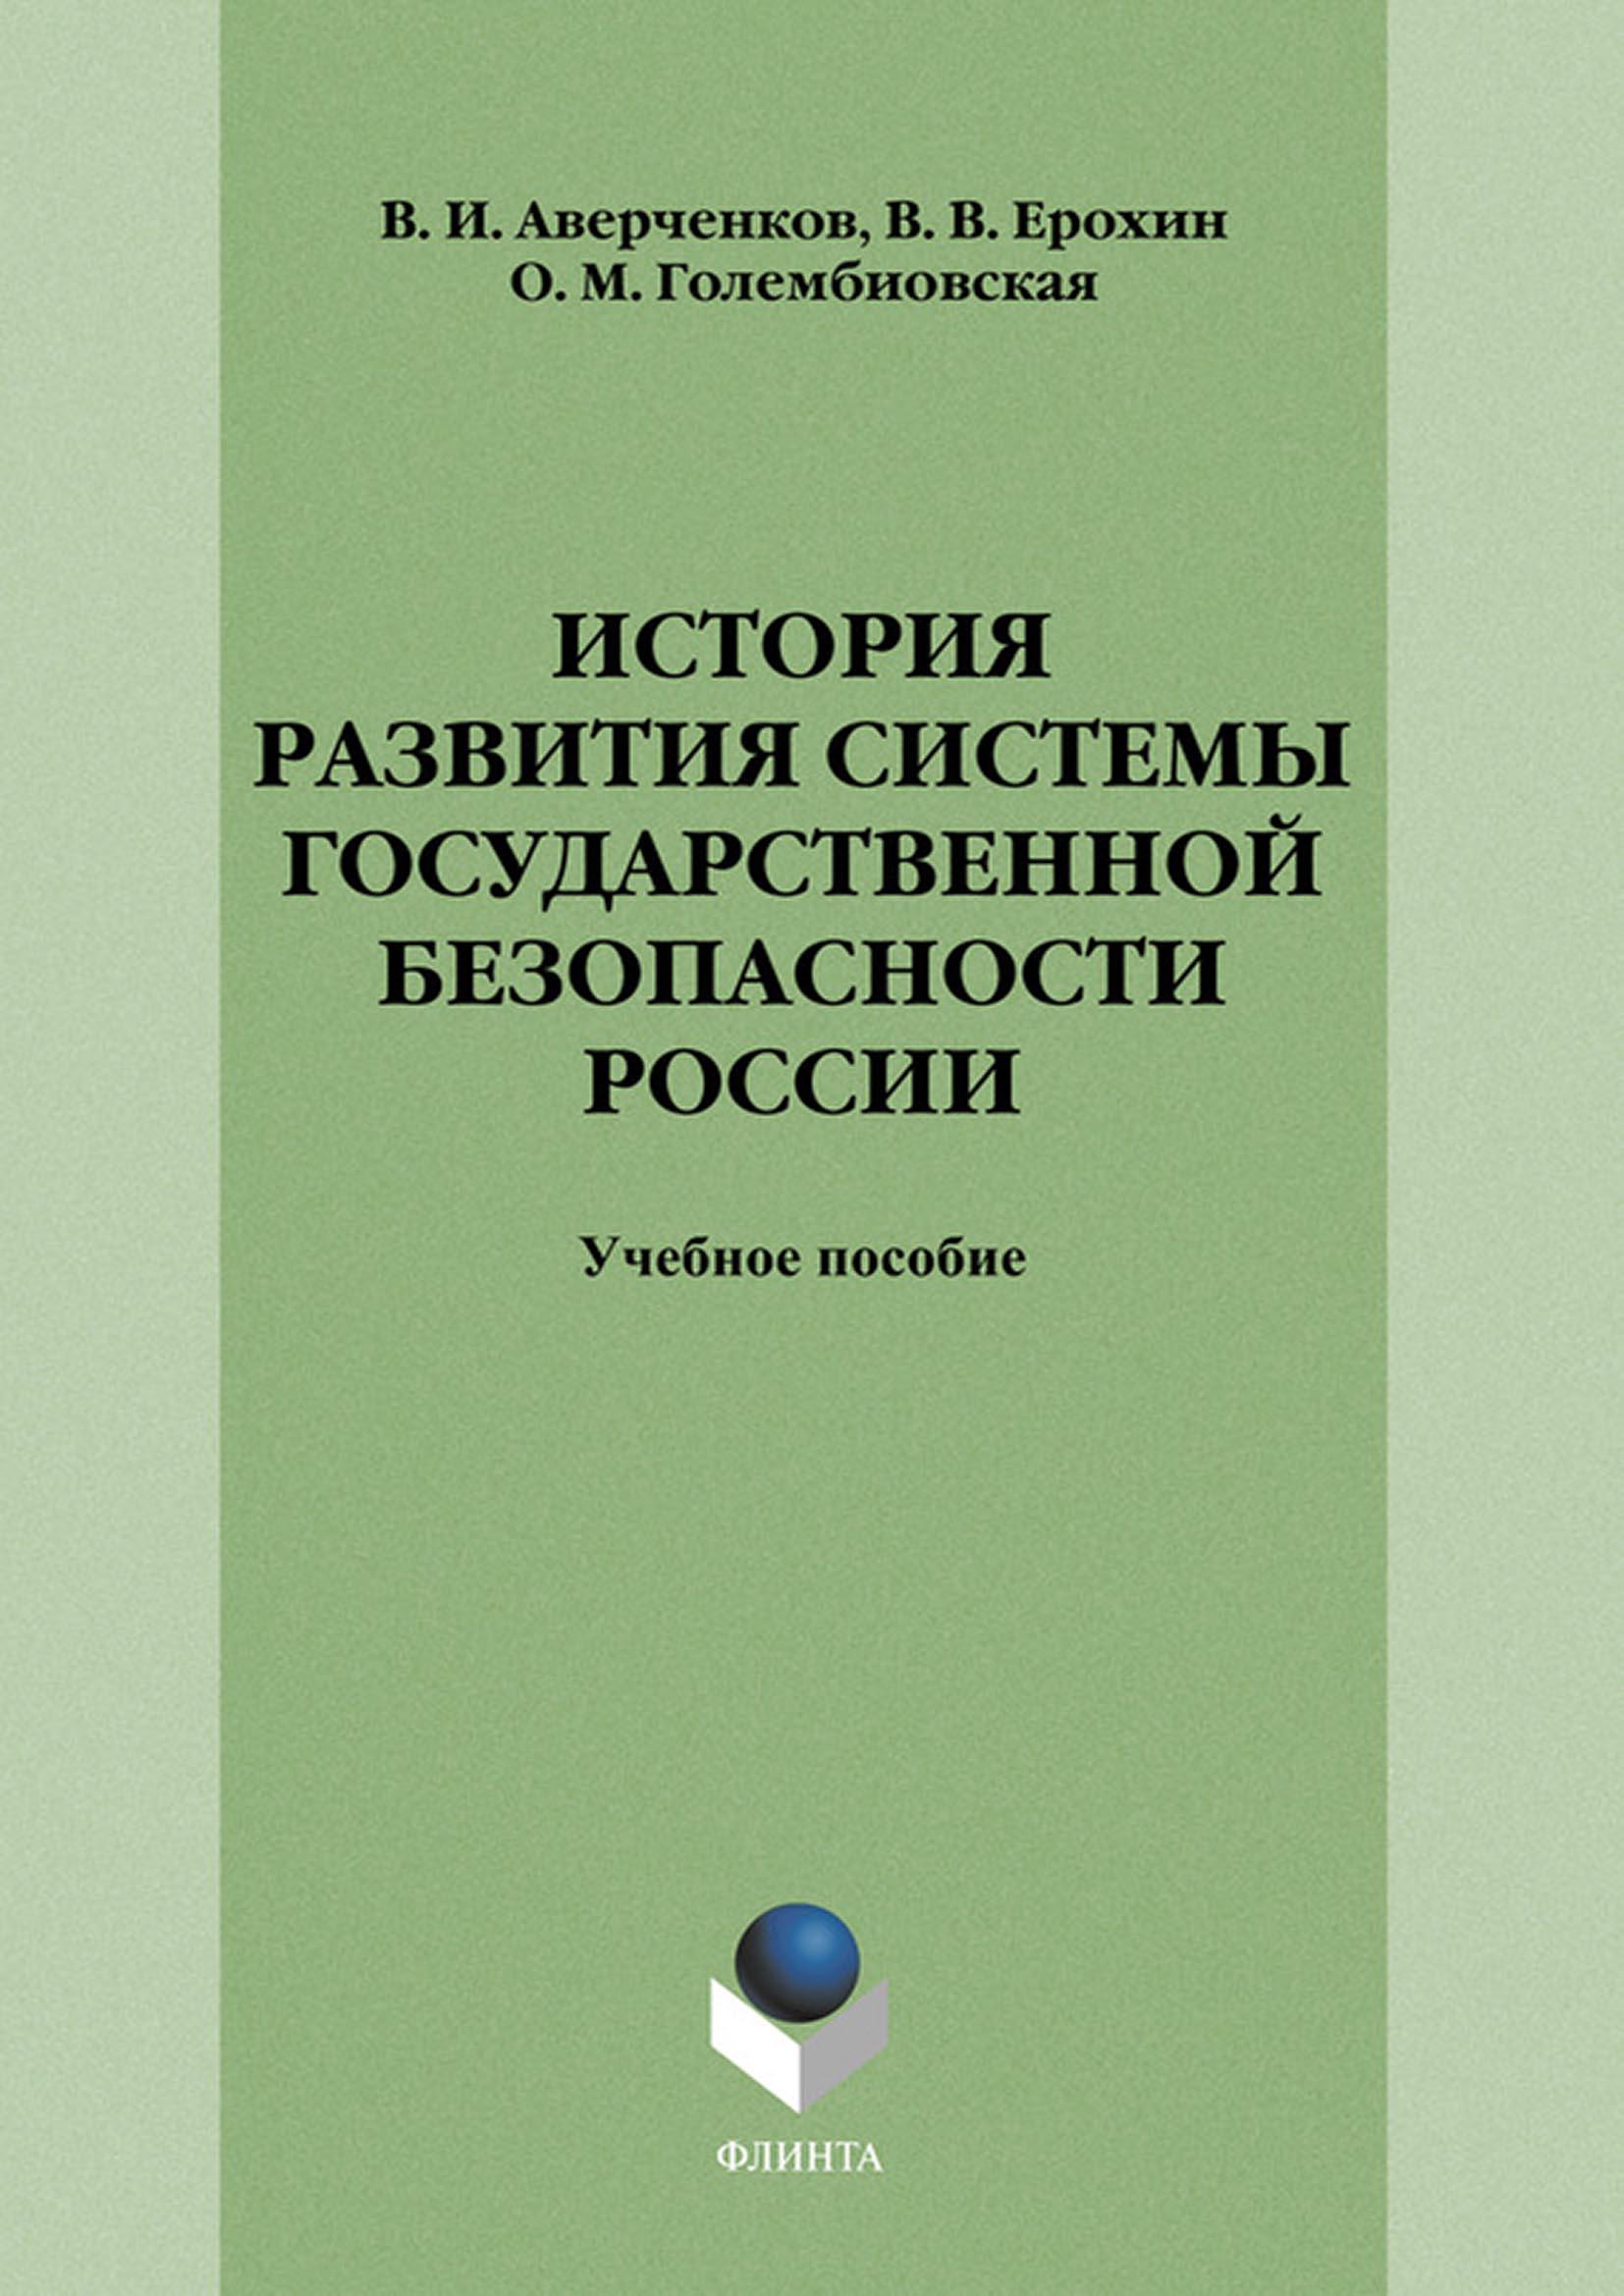 История развития системы государственной безопасности России